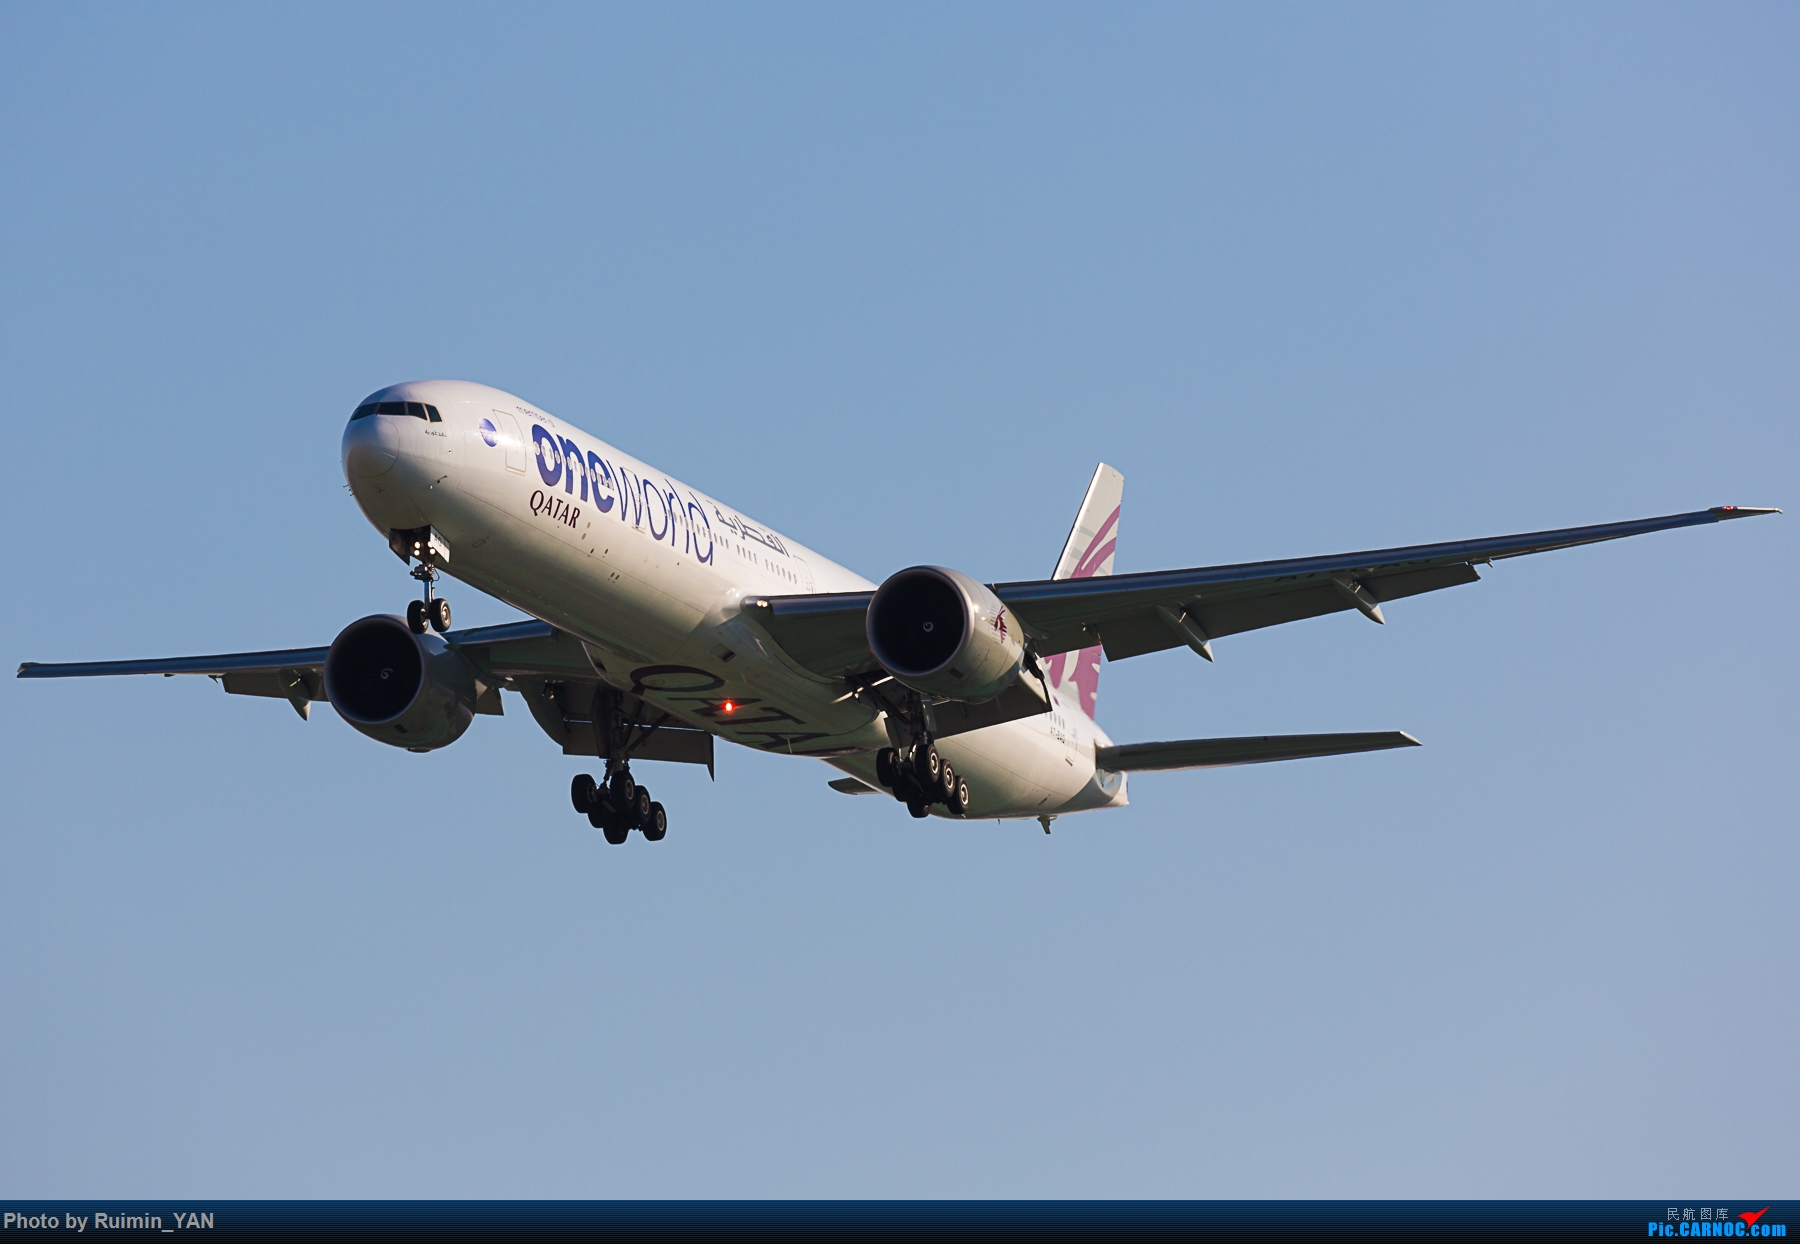 [原创]【PEK】【彩绘】卡塔尔航空寰宇一家(QR,Qatar,oneworld) 77W A7-BAG BOEING 777-300ER A7-BAG 中国北京首都国际机场